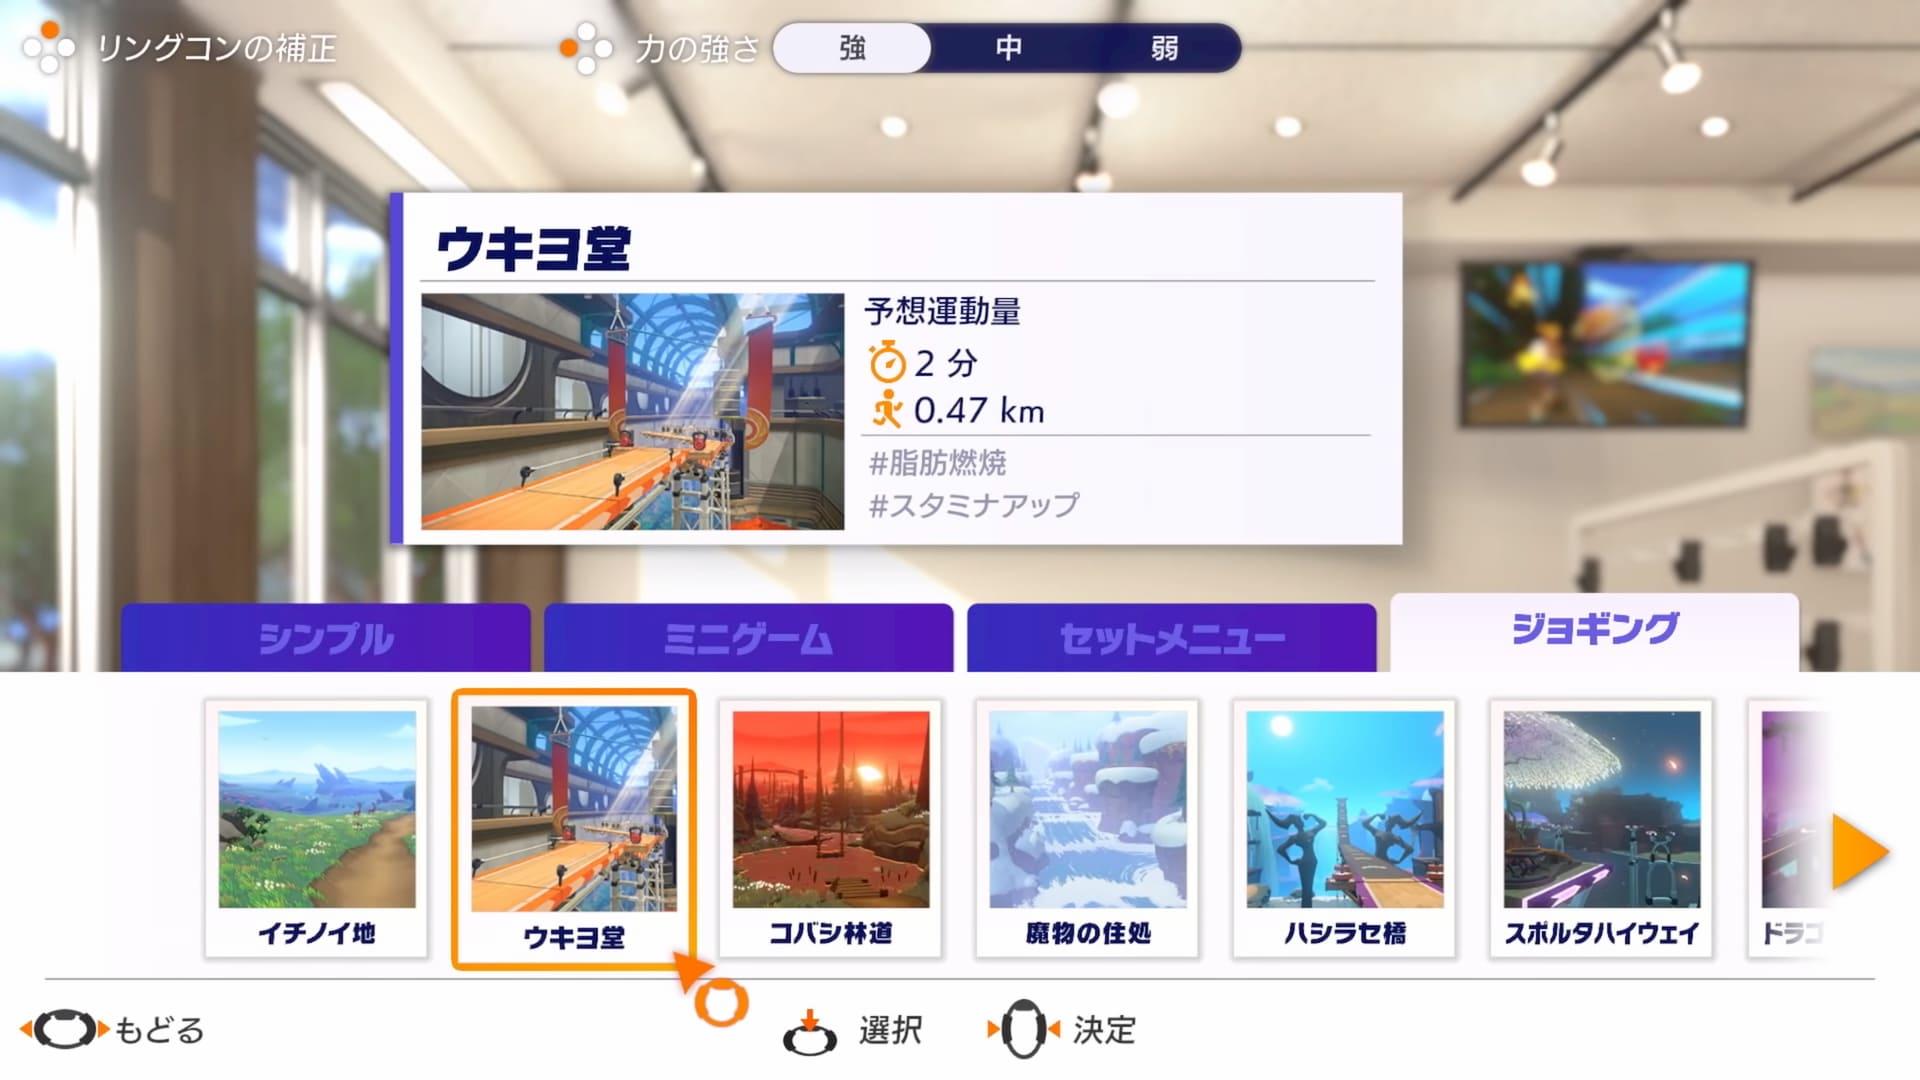 「ジョギング」モード コース選択画面